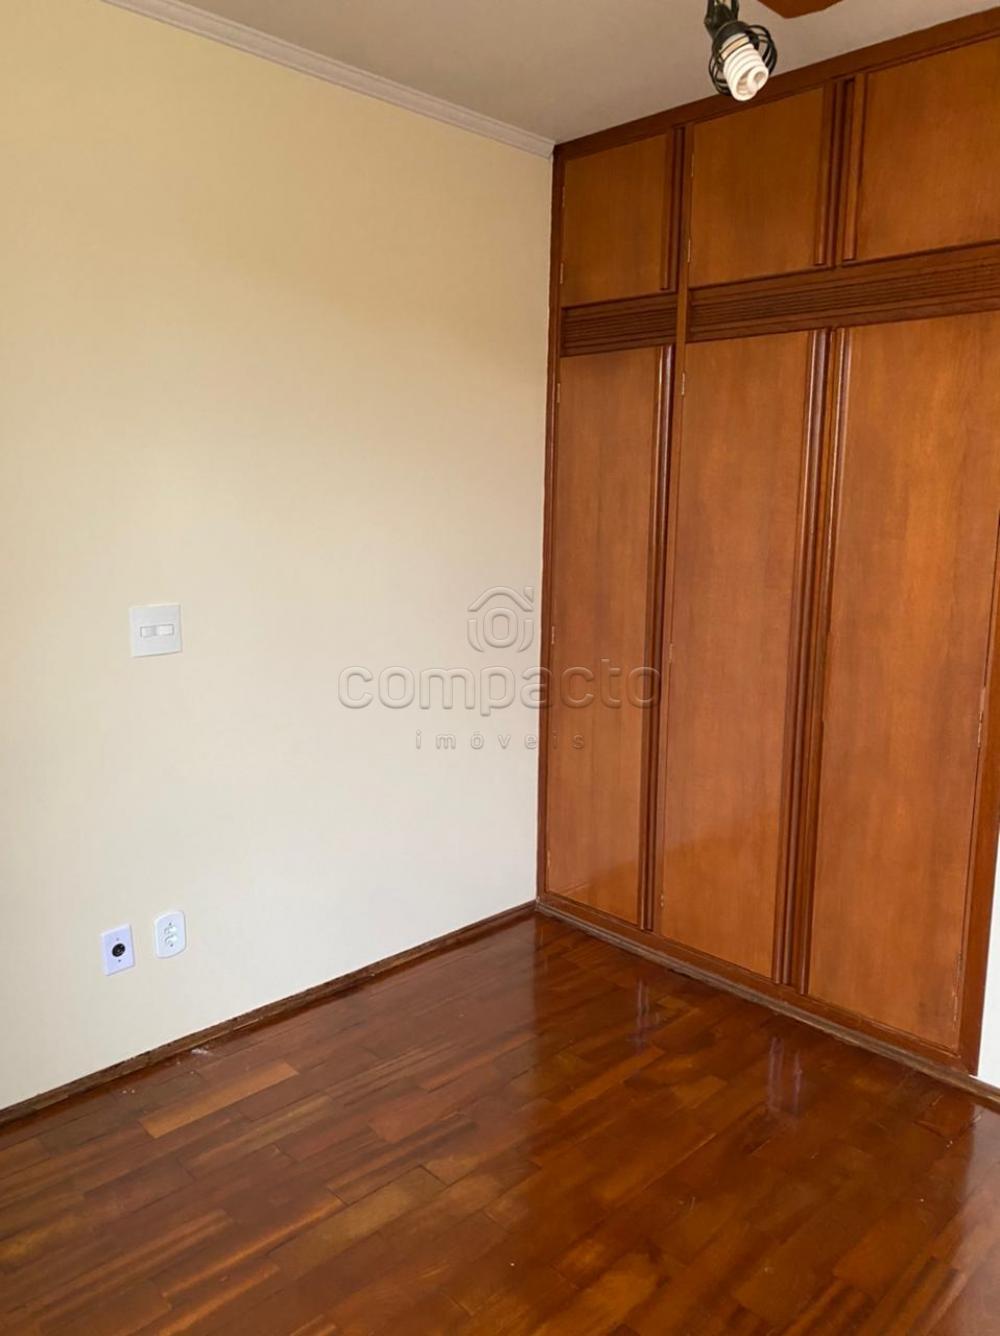 Alugar Apartamento / Padrão em São José do Rio Preto apenas R$ 1.000,00 - Foto 11